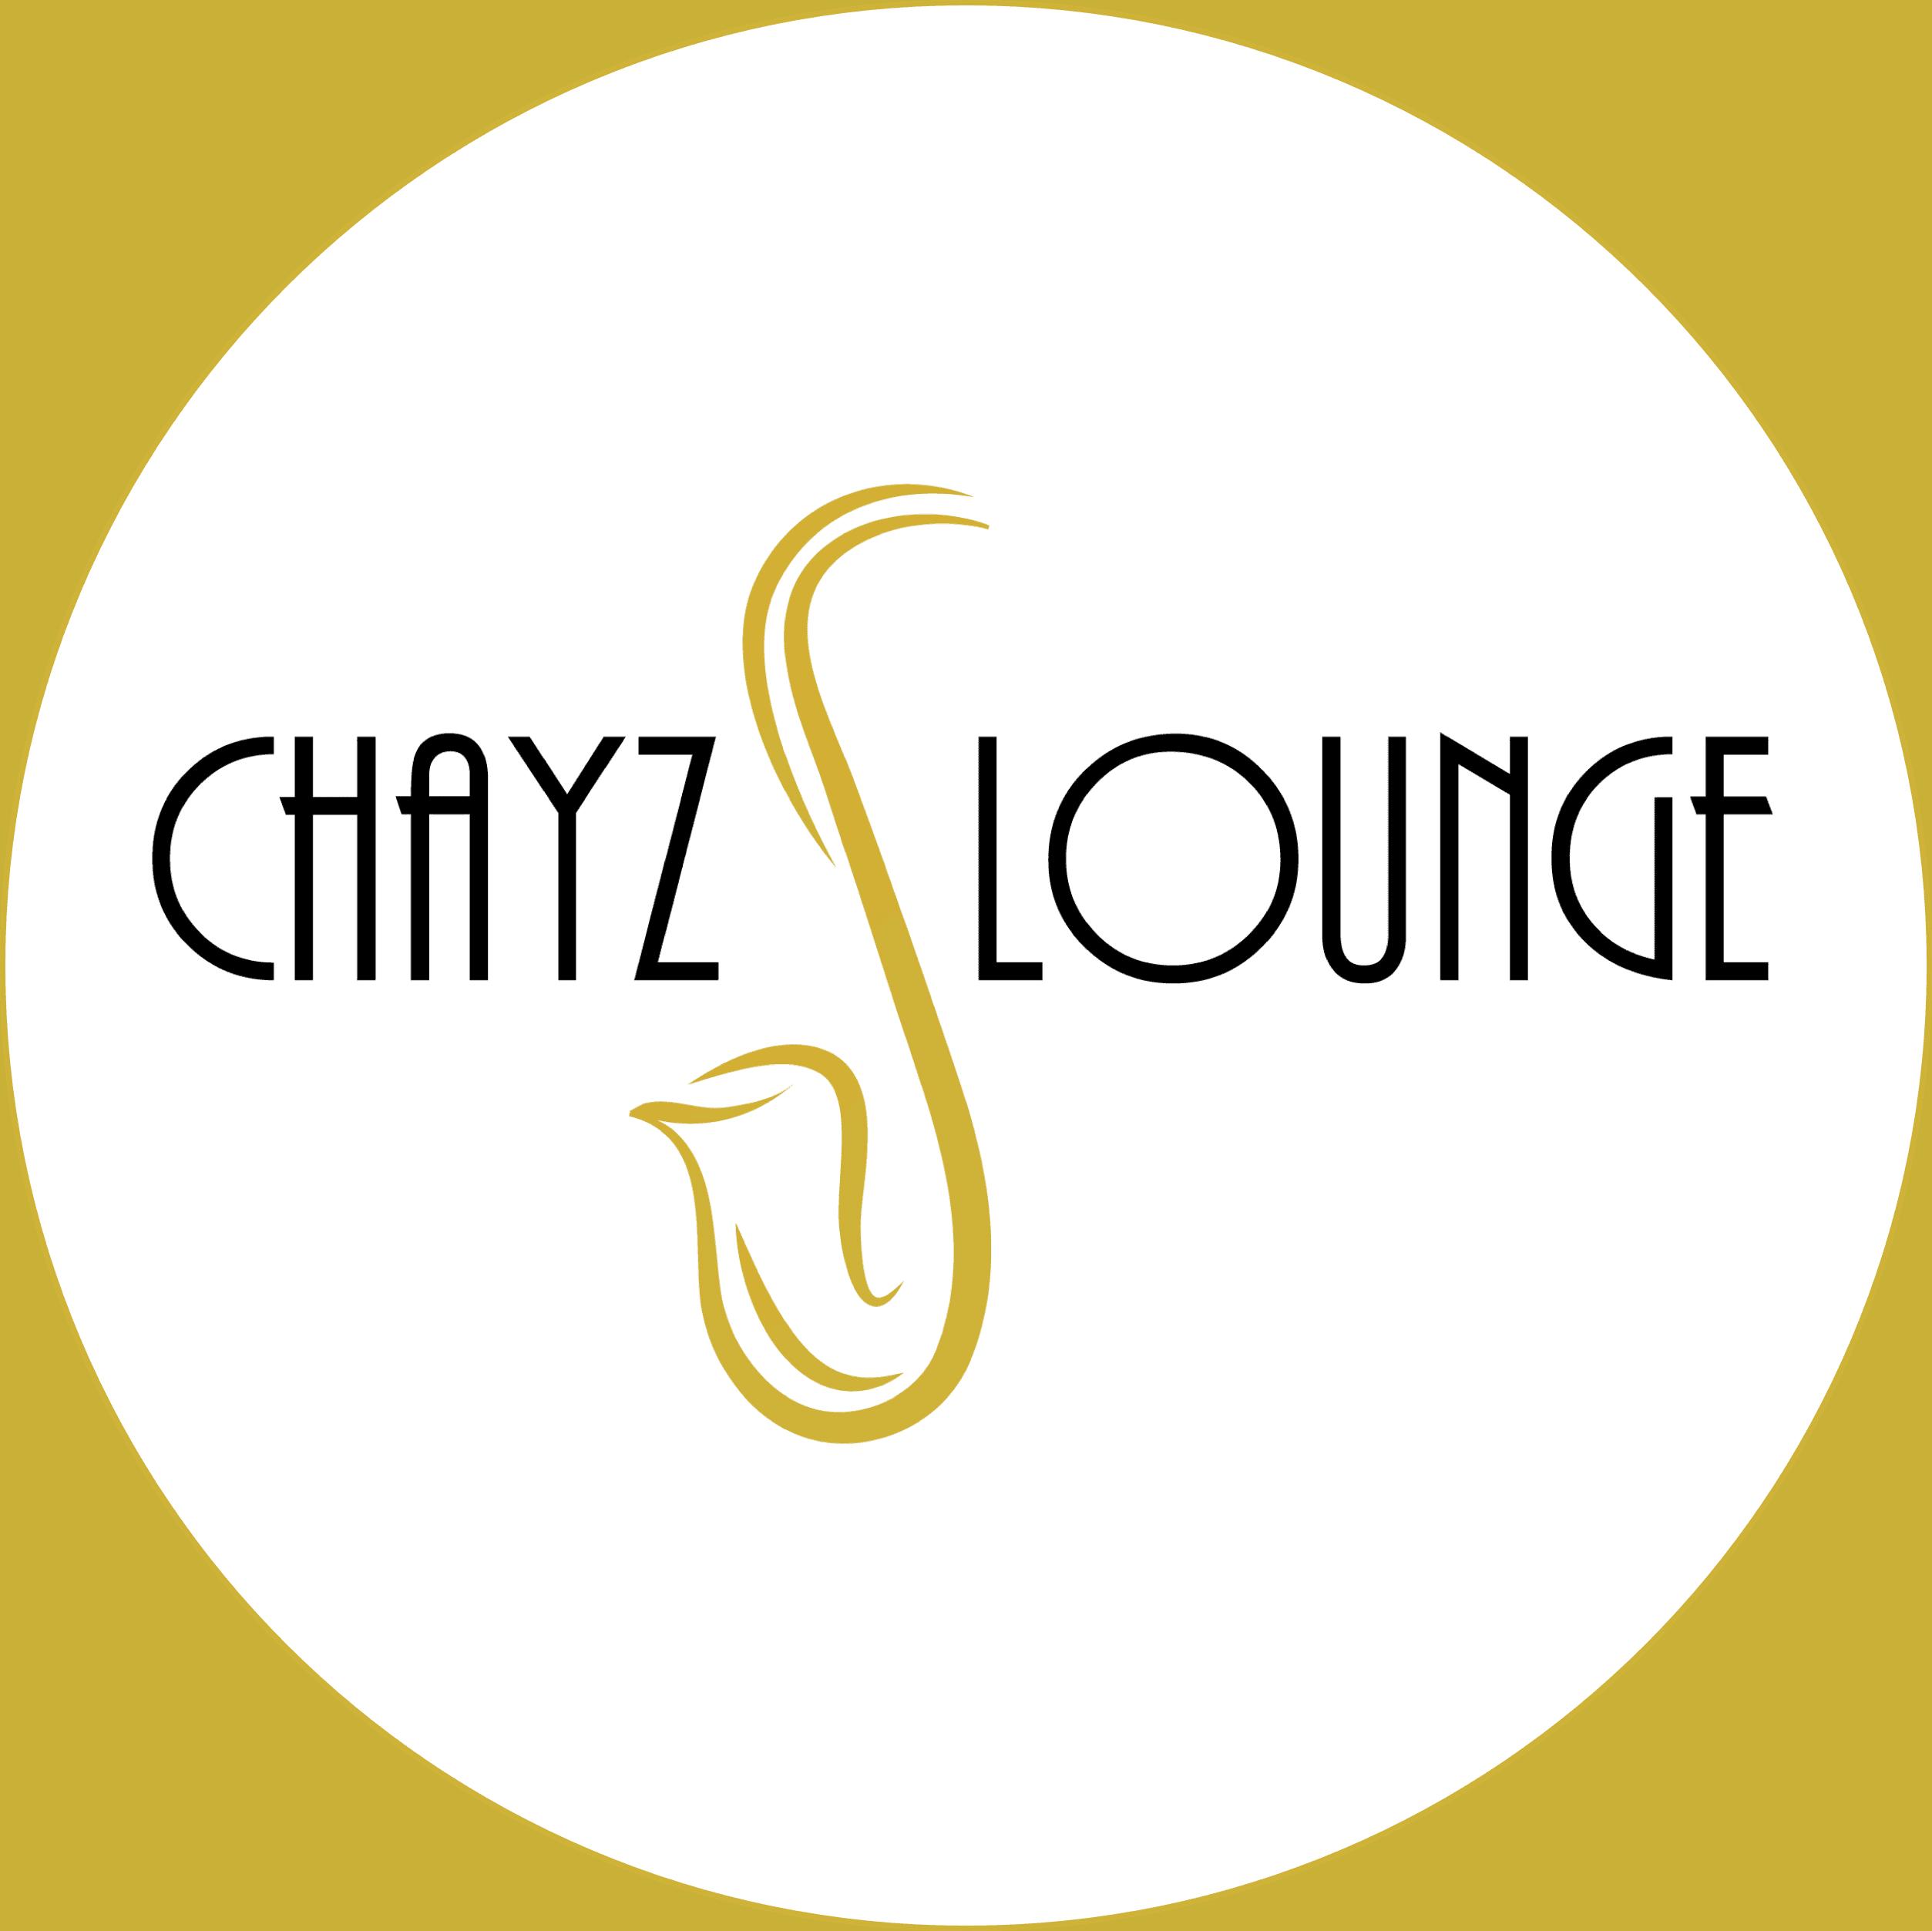 Chayz Lounge